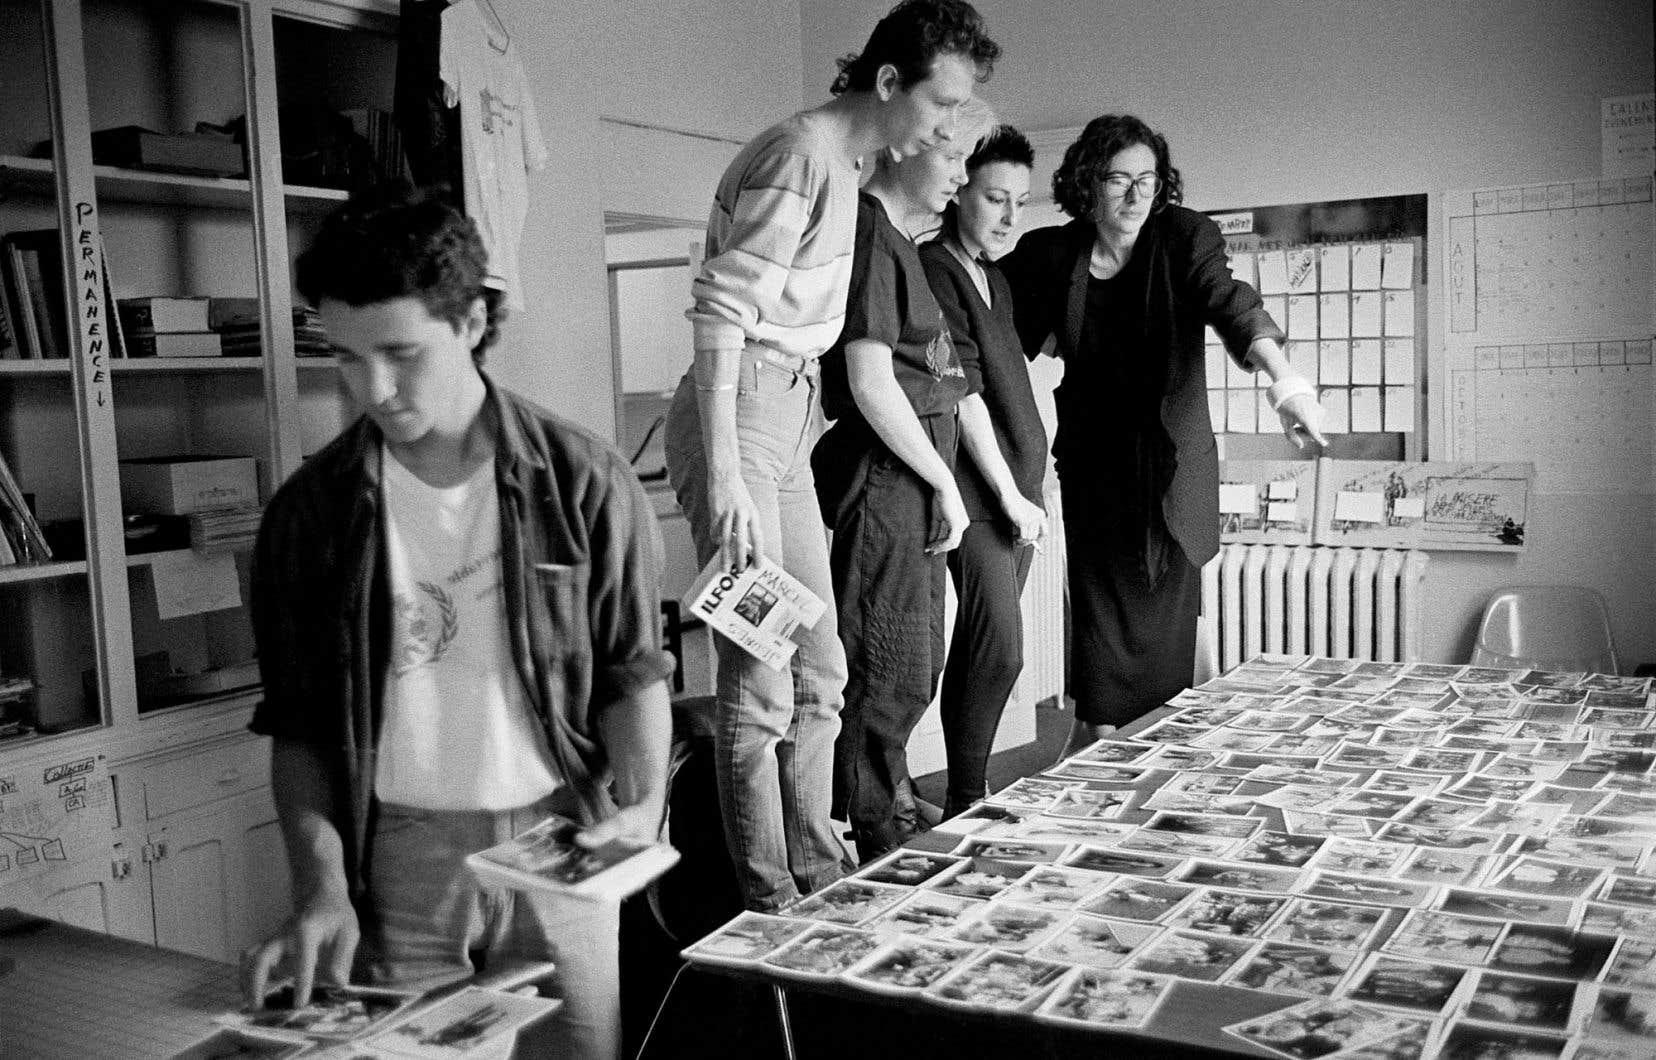 L'équipe de Vox Populi en pleine préparation de l'exposition «Je(u)ne c'est quoi?» présentée lors de l'événement Plein la gueule, en octobre 1985. Sur la photo: Marcel Blouin, Jean-Marc Ravatel, Cynthia Poirier, Danielle Bérard et Sophie Bellissent.